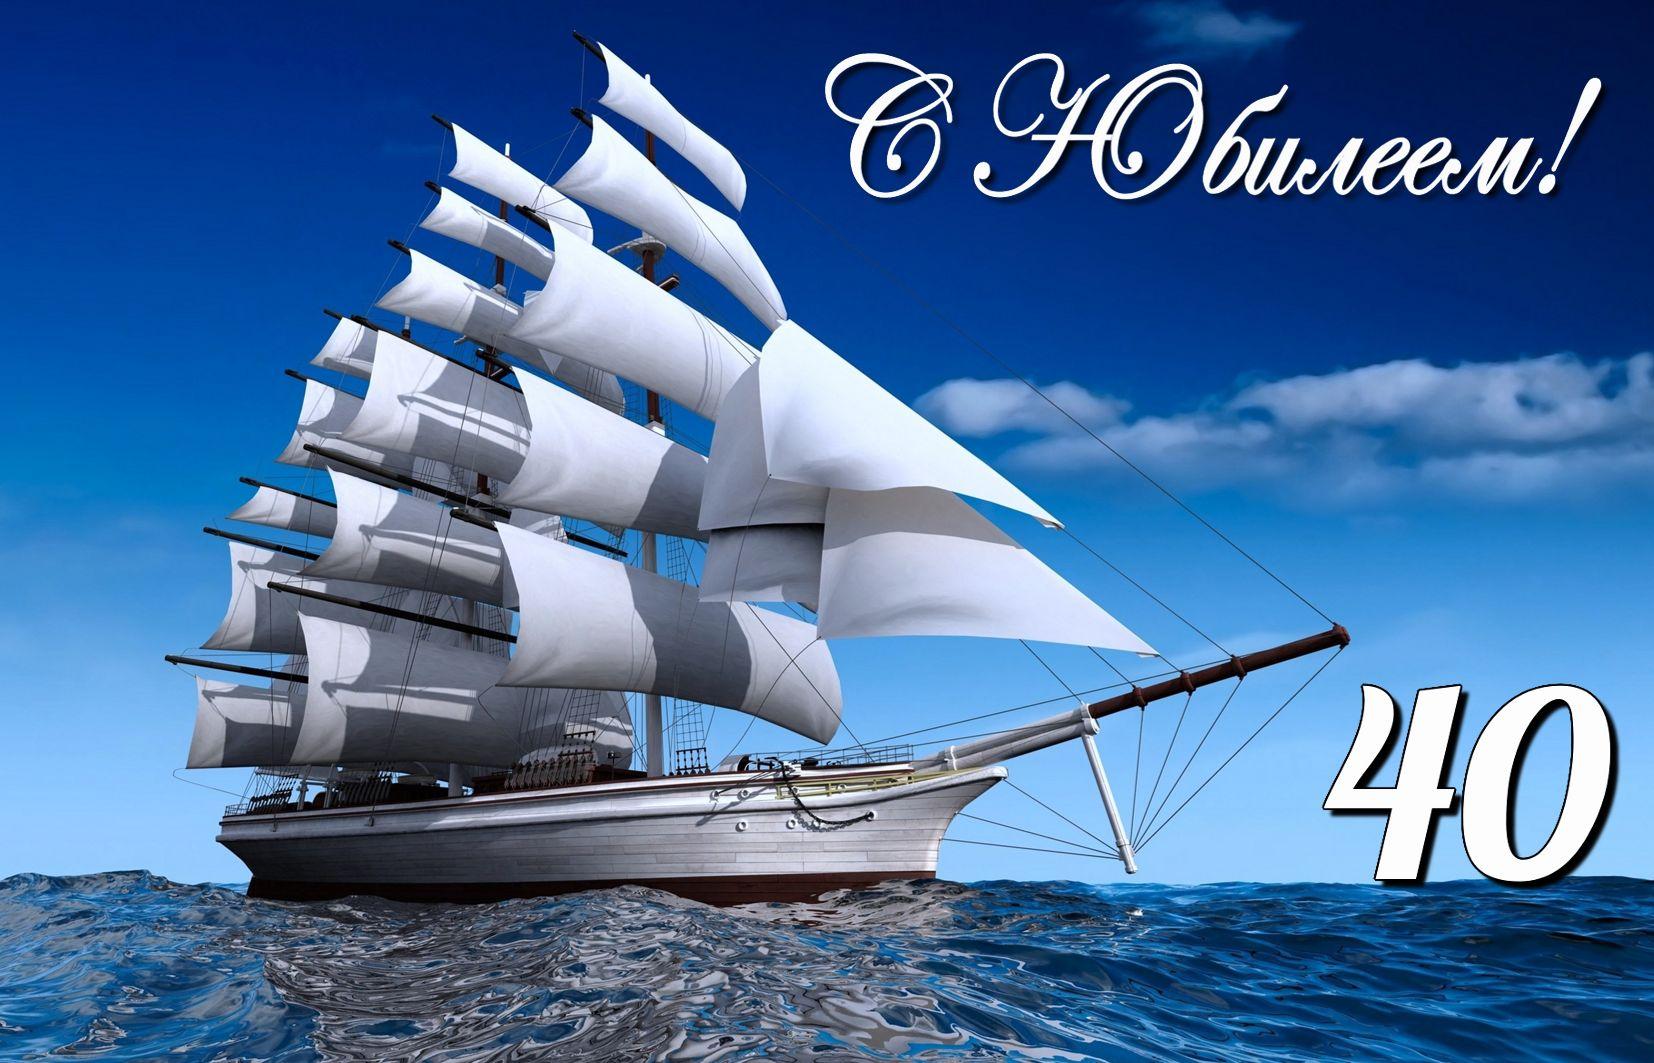 Открытка с яхтой в безбрежном океане на юбилей 40 лет